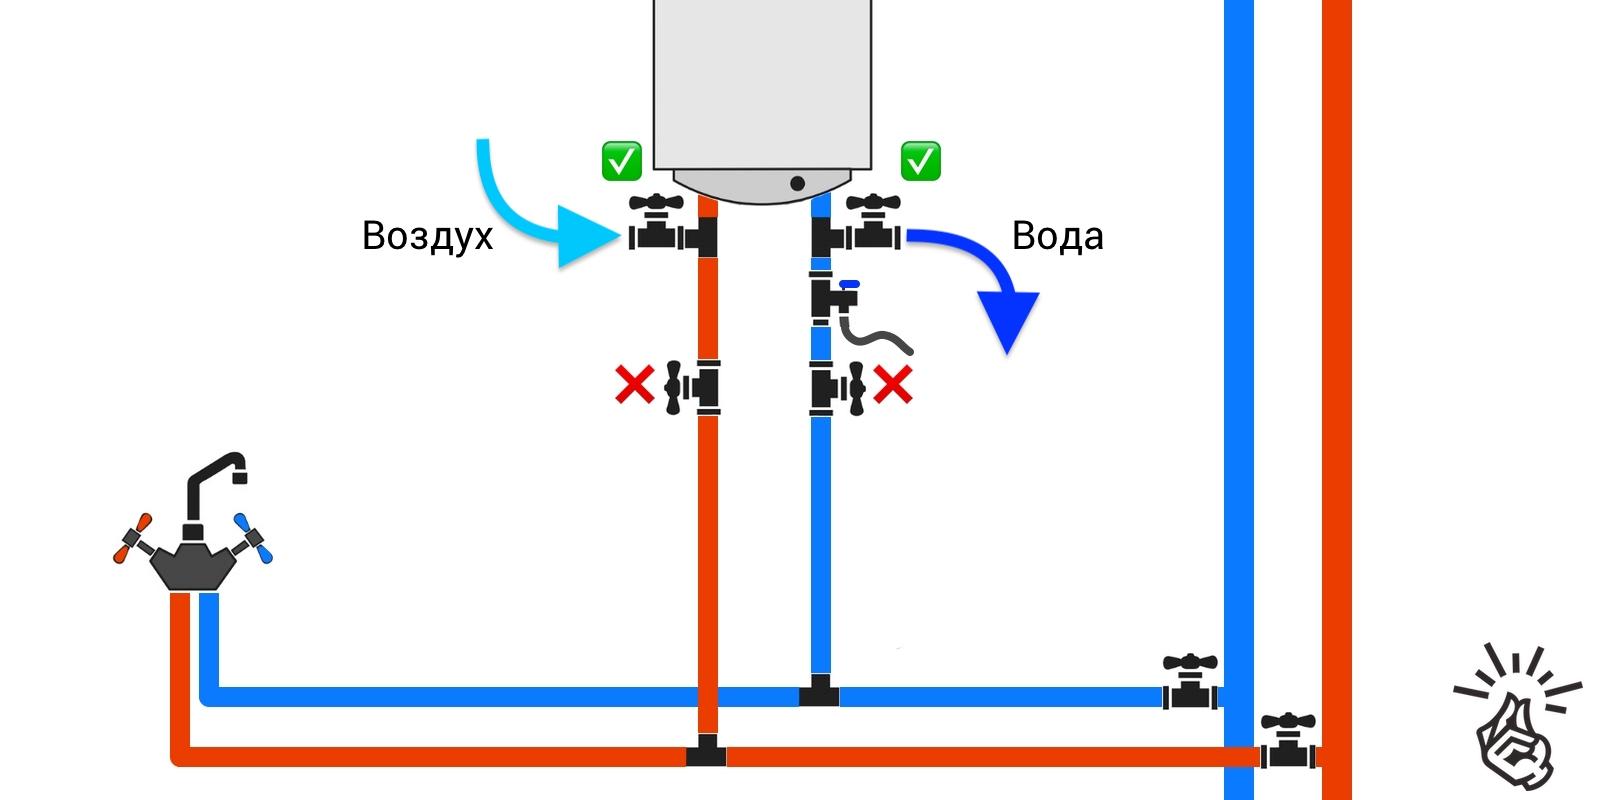 Как слить воду из водонагревателя: 3 простых способа для разных ситуаций